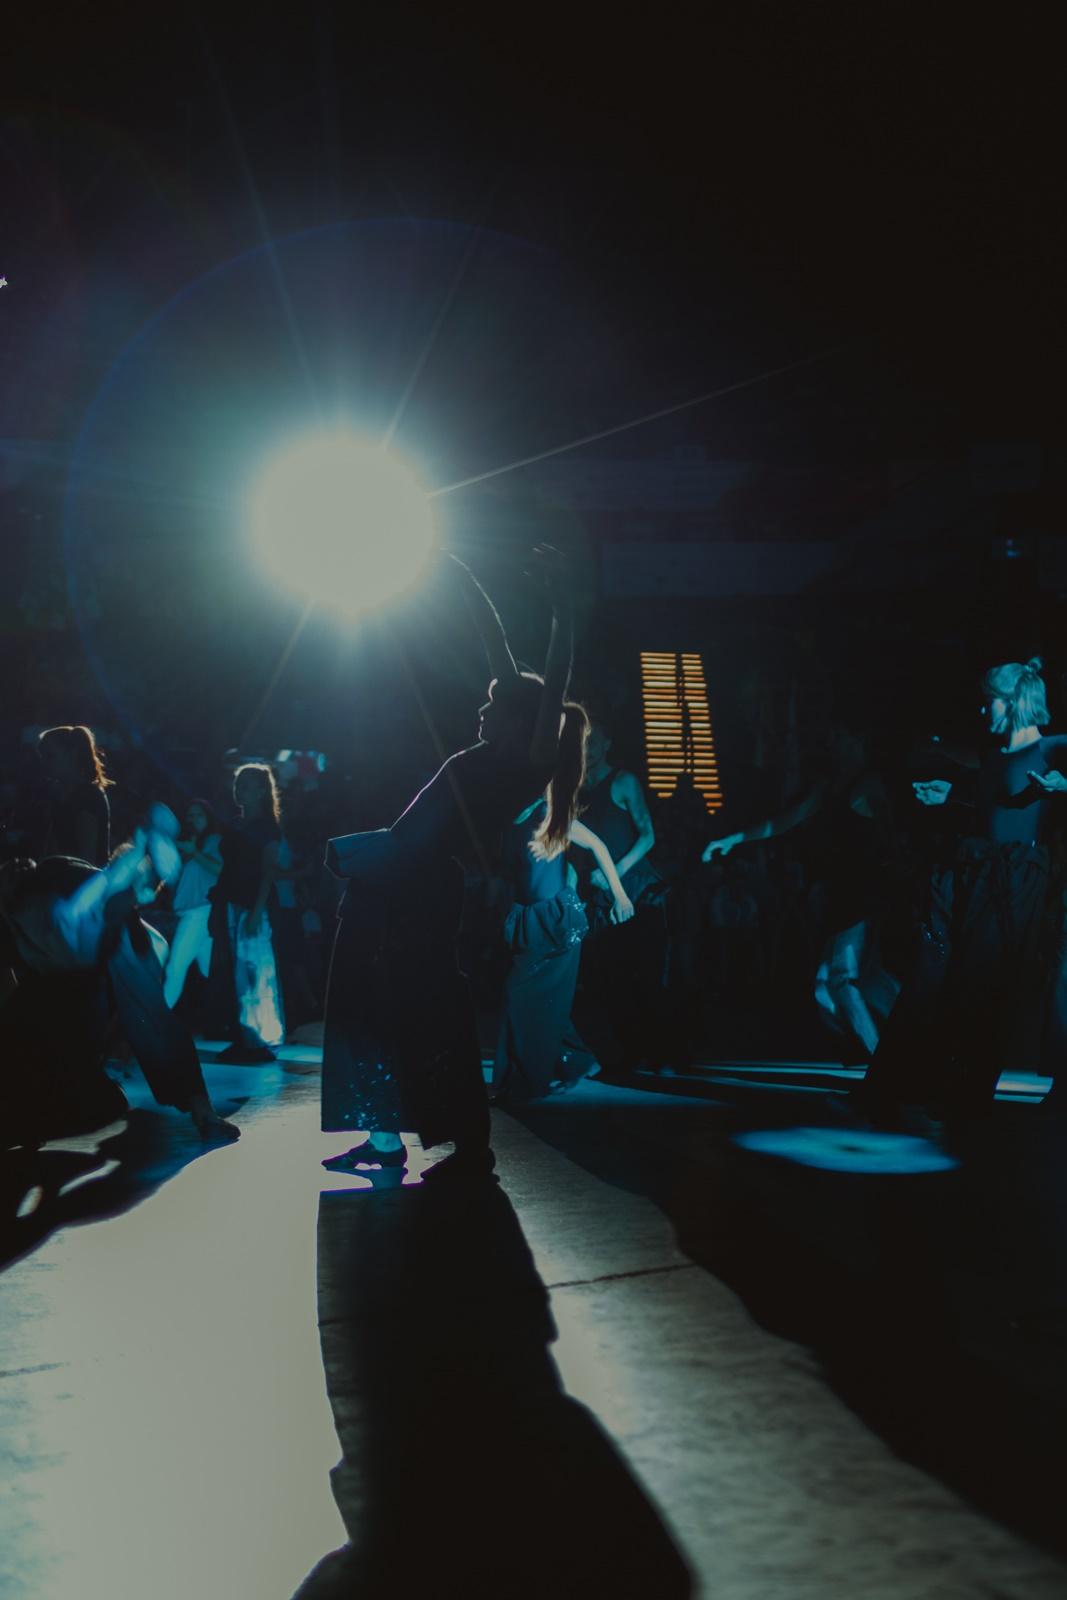 Tancerka wygina się tanecznie podczas pokazu choreograficznego przygotowanego przez MOVYTZA (Anna Kasprzak-Chowaniec & Wojciech Chowaniec)